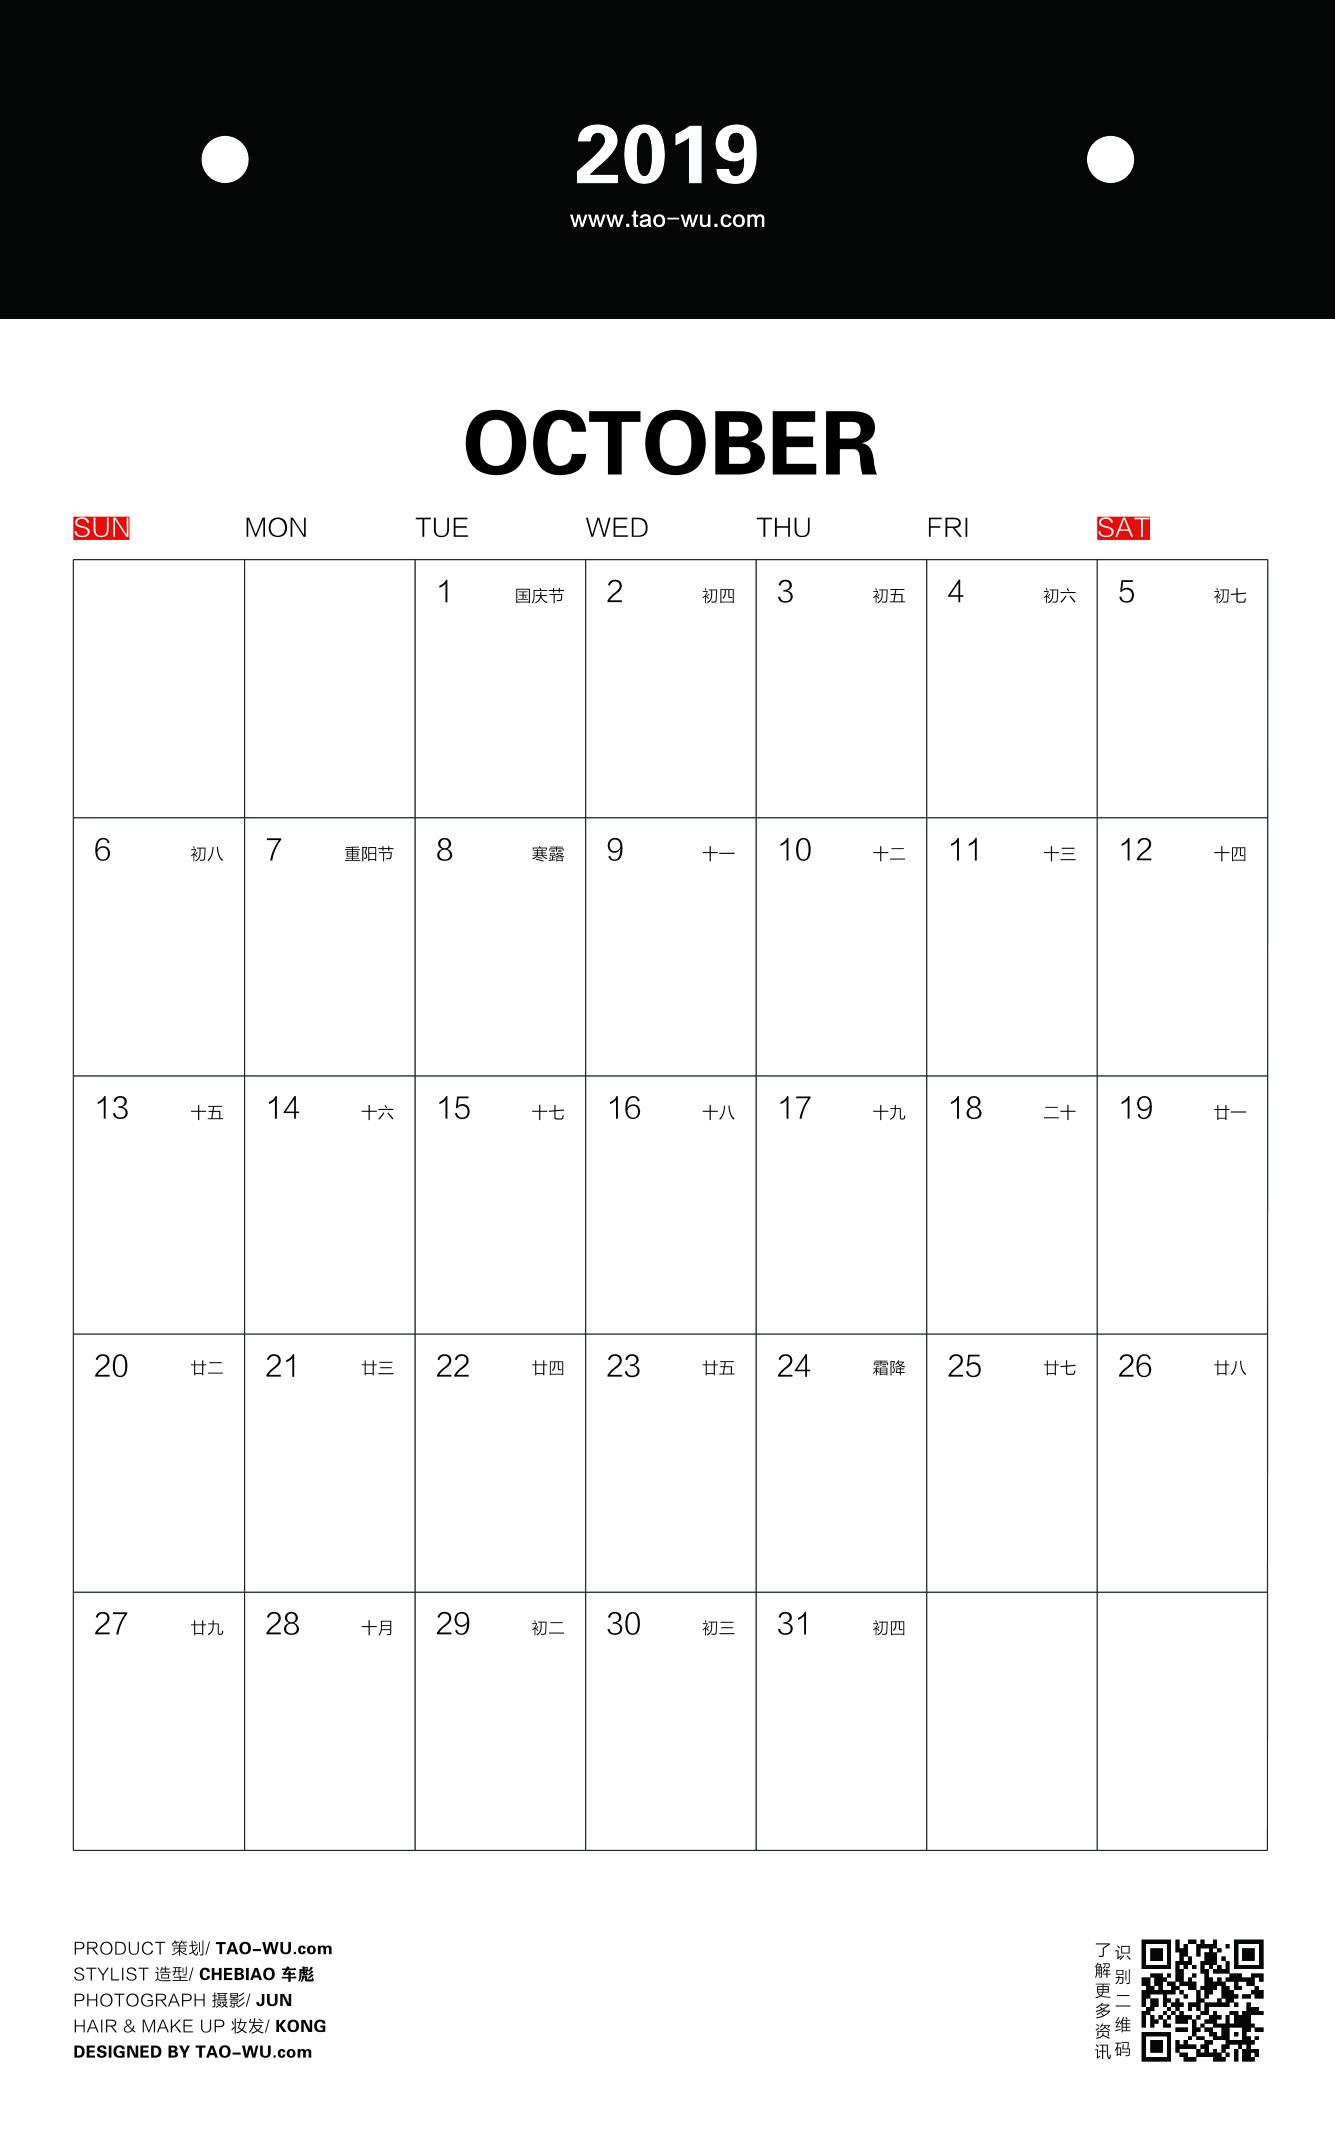 台历10月份转曲-1.jpg